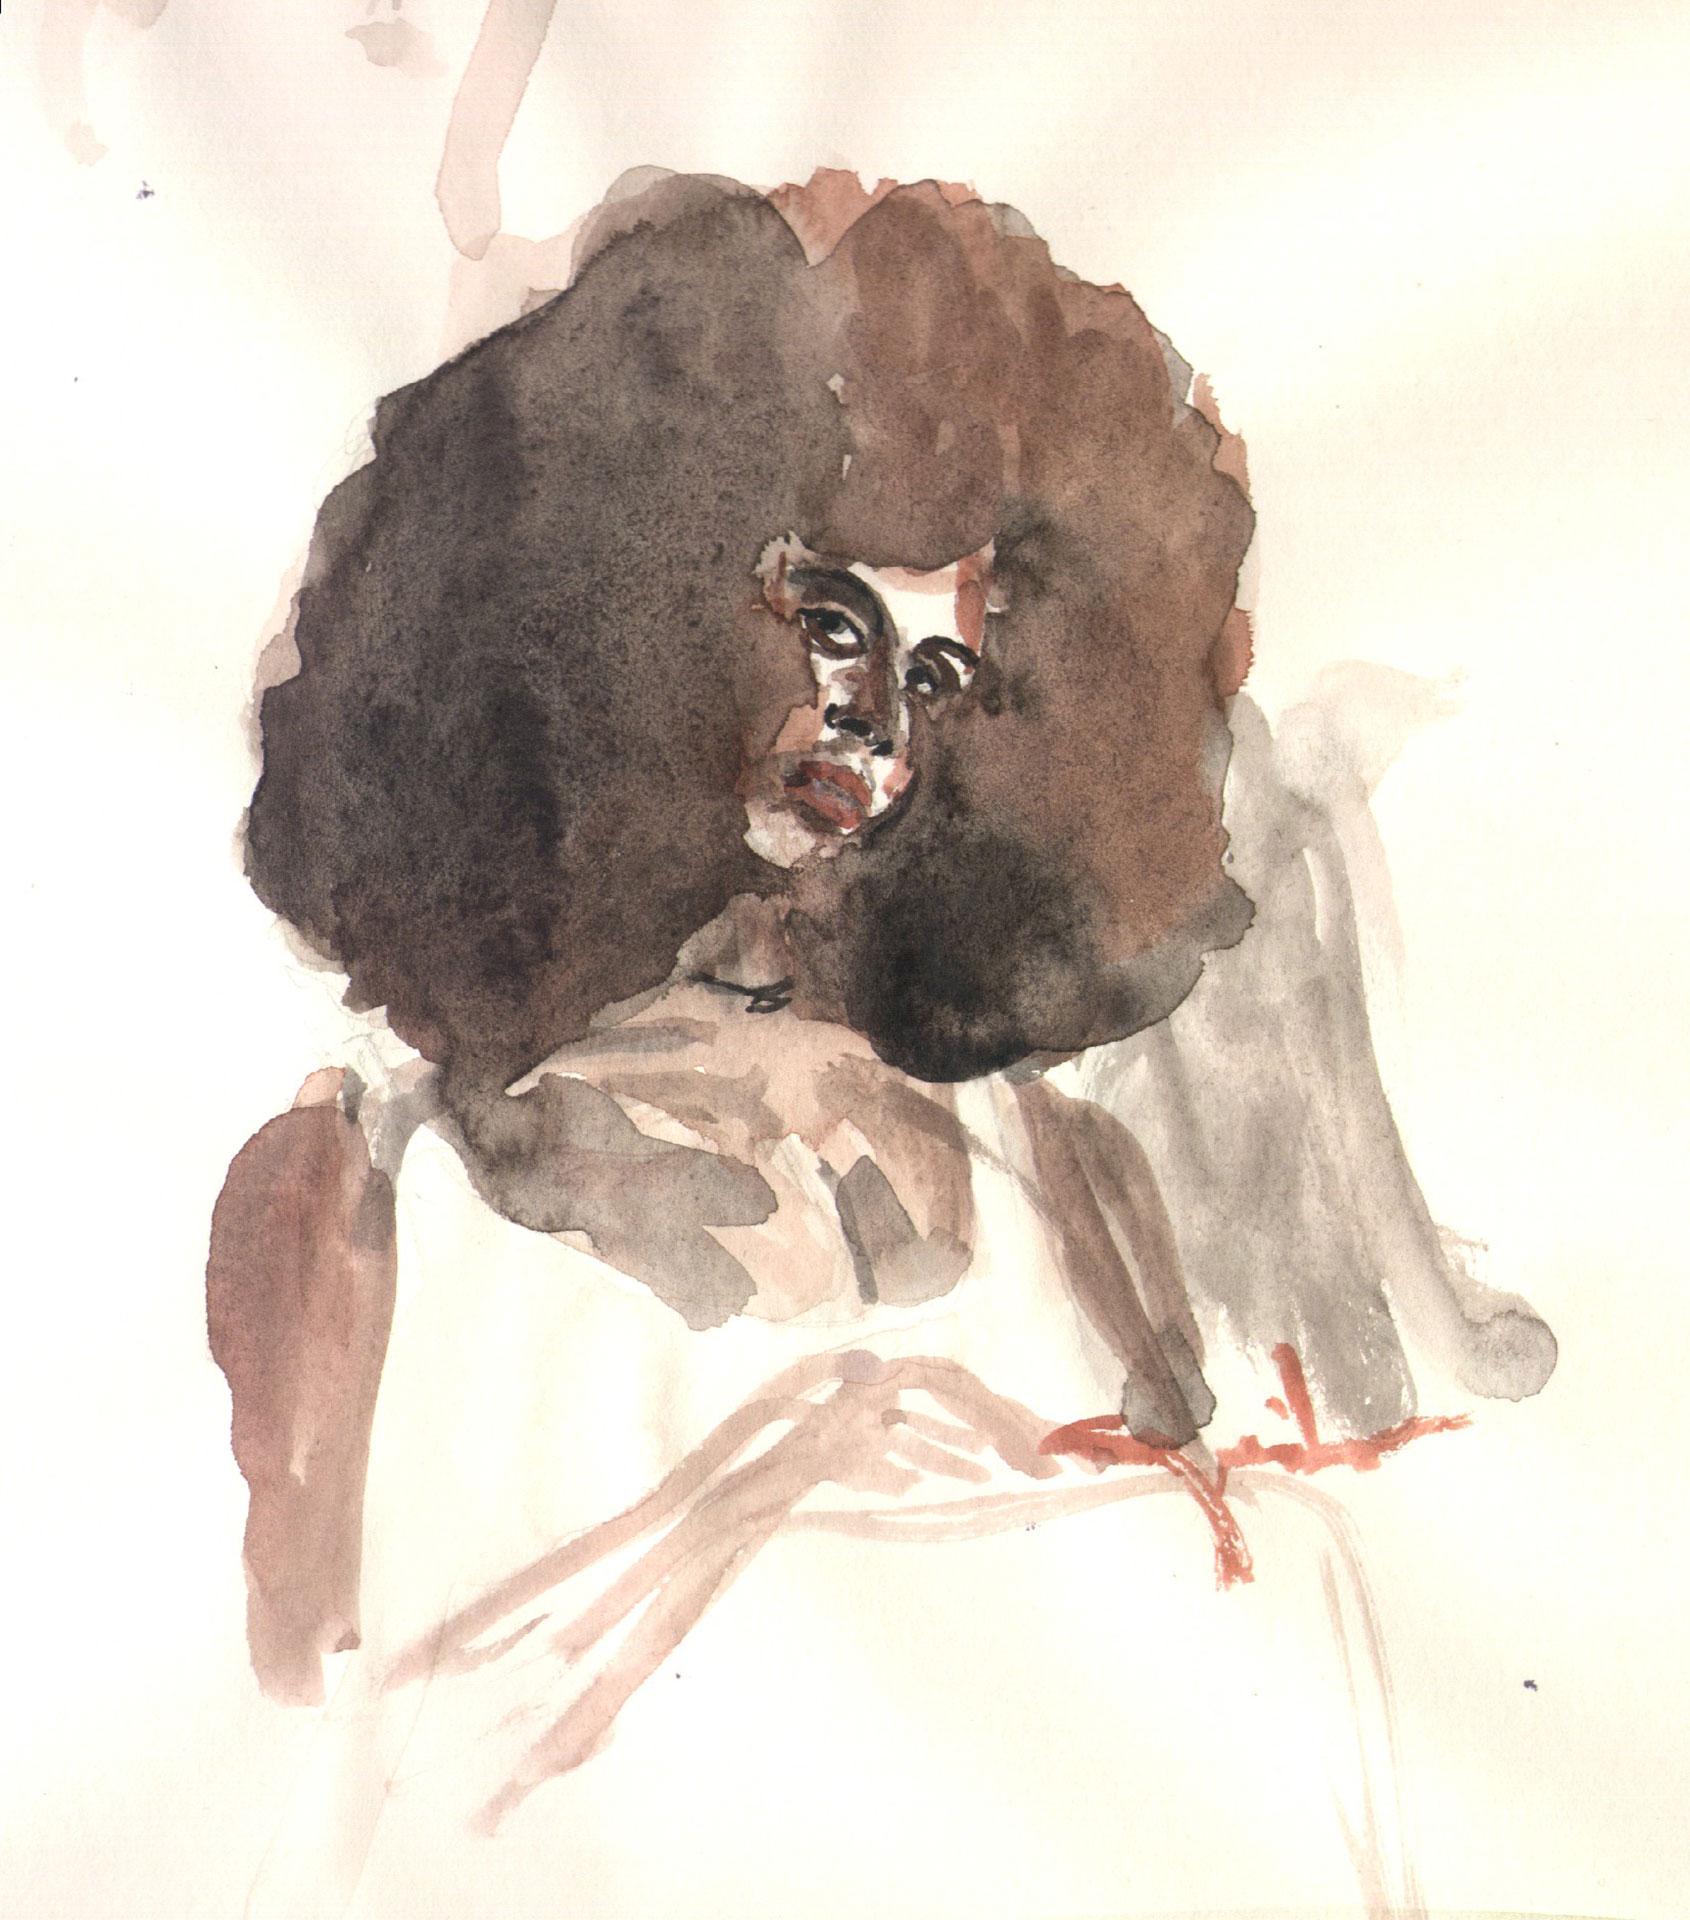 Guido Sistopaoli, artista contemporaneo, inaugura il sito web.